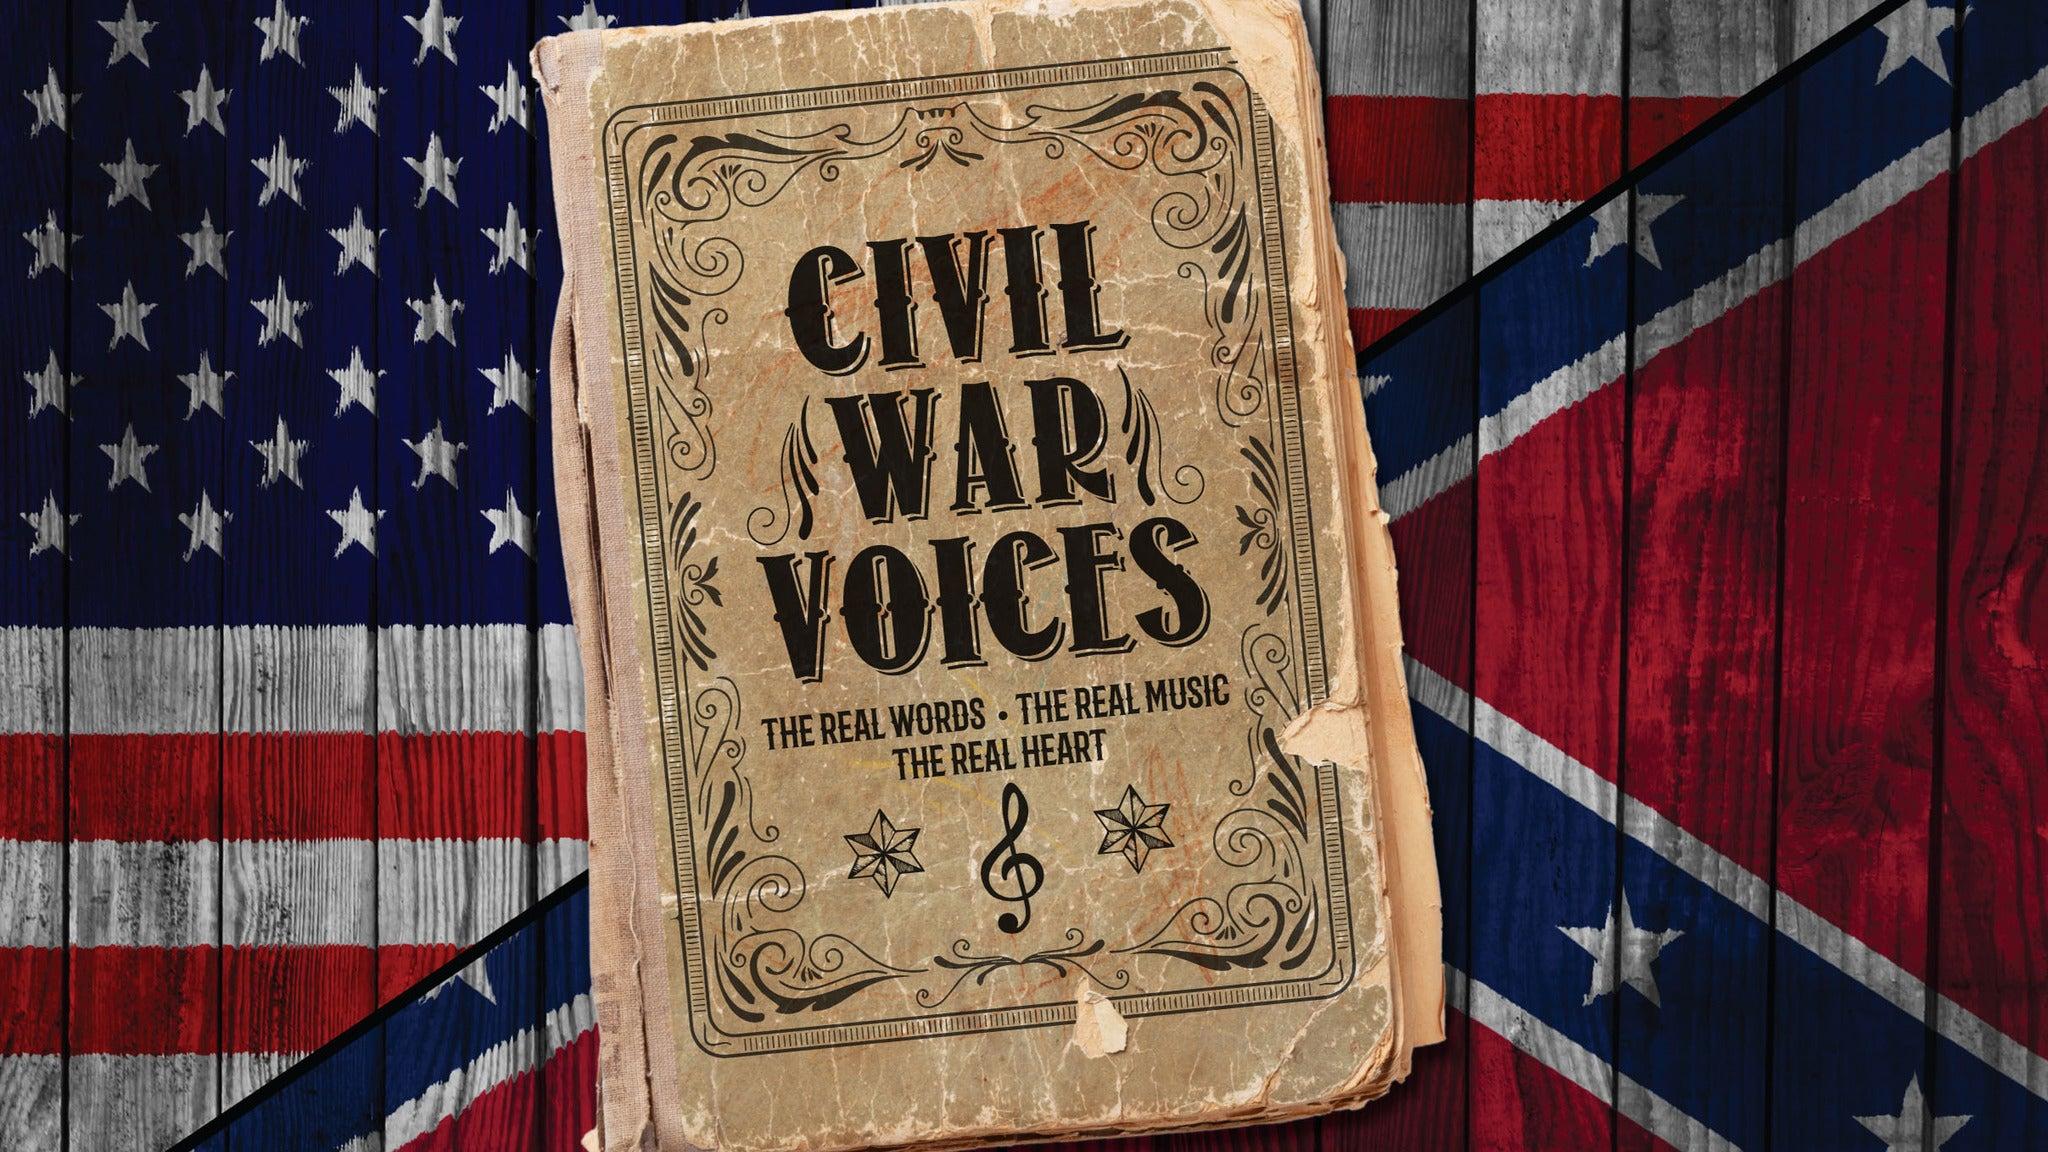 Walnut Street Theatre's Civil War Voices